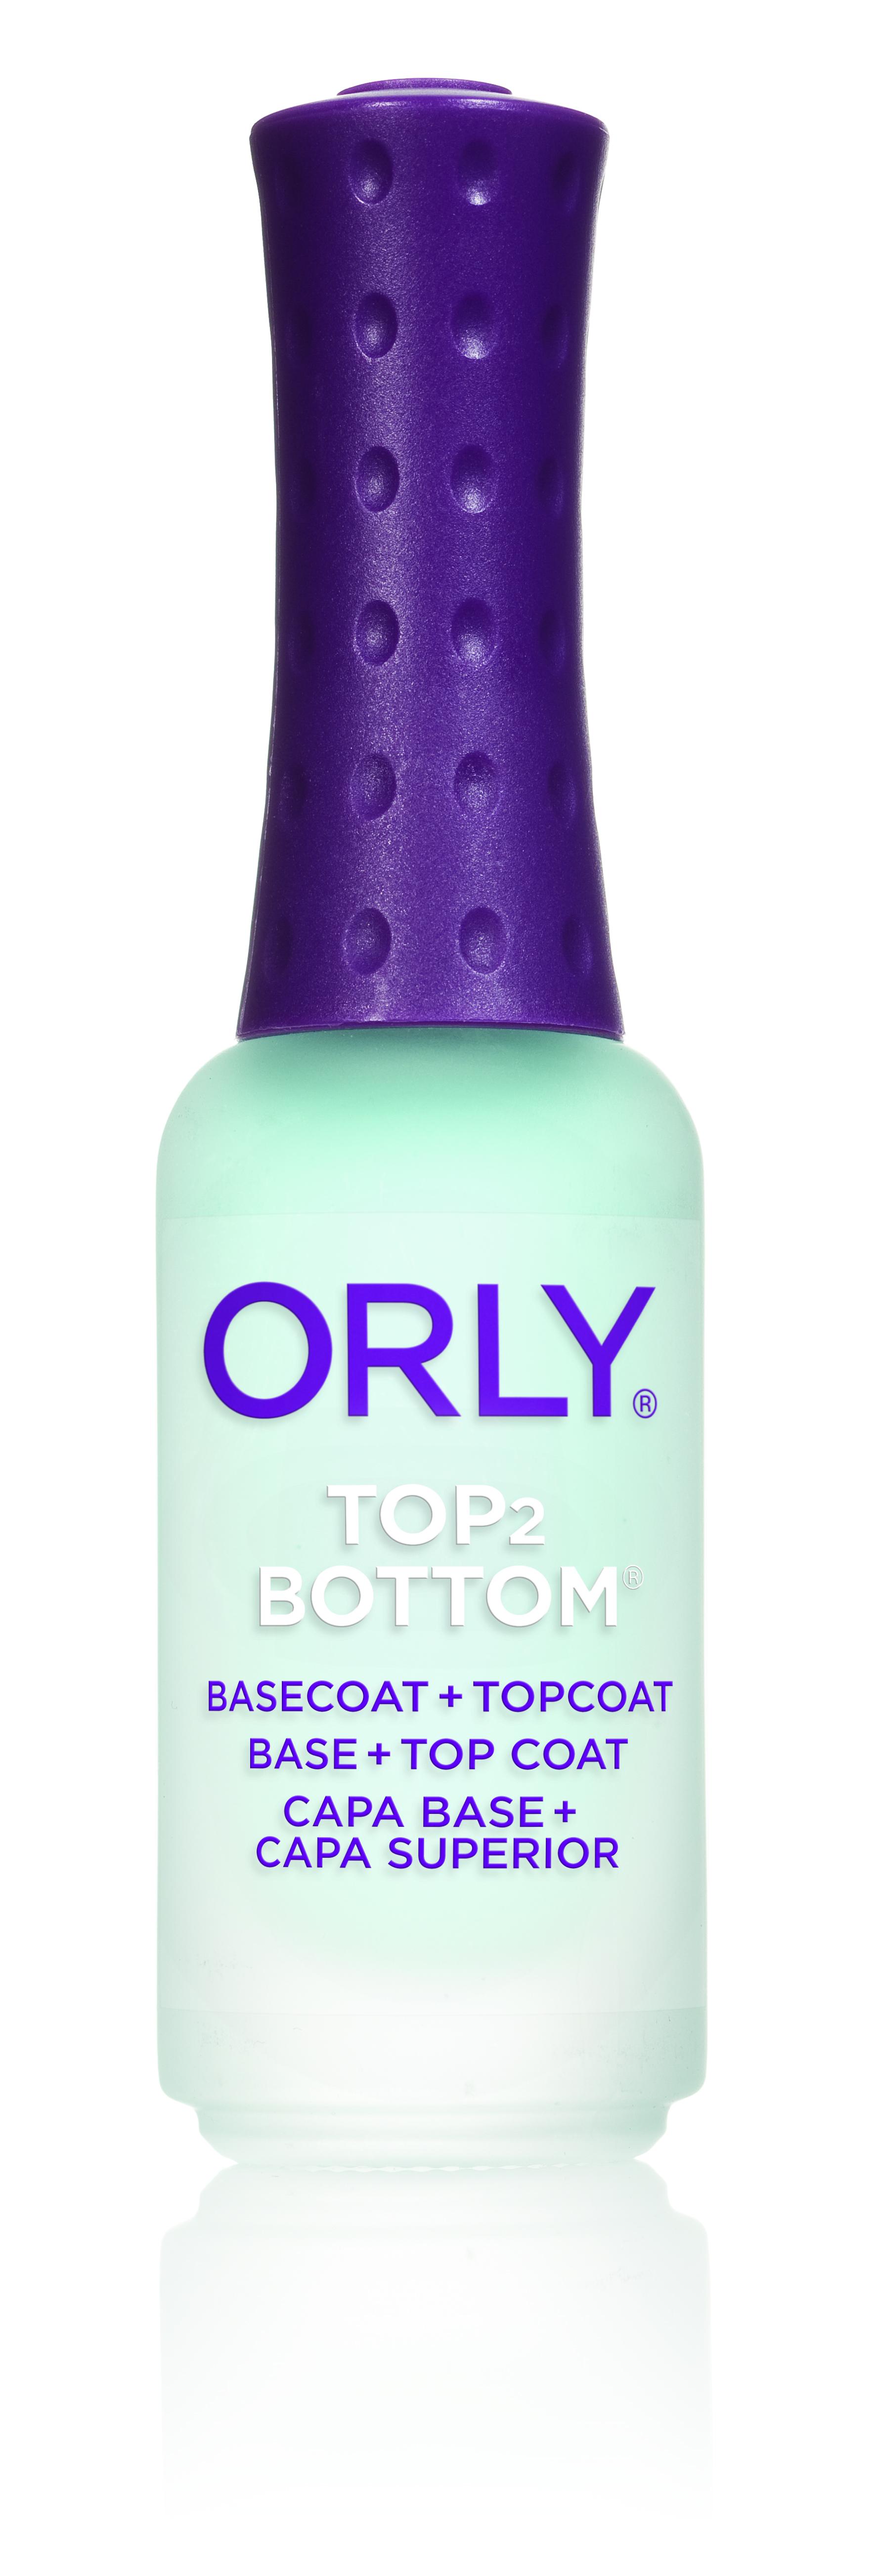 ORLY Покрытие базовое и верхнее для ногтей 2 в1 / Top 2 Bottom .3 oz 9млБазовые покрытия<br>Универсальный препарат Top2Bottom является одновременно базовым и верхним покрытием для ногтей. Он быстро высушивает лак и дарит покрытию дополнительный блеск и прочность. Способ применения: нанесите один слой Top2Bottom на обезжиренные ногти, затем покройте ногти лаком. Когда лак высохнет, нанесите еще один слой Top2Bottom. С чем использовать: применяйте Top2Bottom с Clean Prep для лучшего сцепления покрытия с ногтевой пластиной и для удаления с ногтей влаги и жира. Сушка-спрей Spritz Dry сократит высыхание лакового покрытия в 2 раза. Распылите её на покрытие с расстояния 15-20 см. после нанесения Top2Bottom. Активные ингредиенты.Состав: Бутилацетат, этилацетат, нитроцеллюлоза, адипиновая кислота/ неопентилгликоль/ тримеллитовый ангидрид сополимер, триметилпентанил диизобутират, изопропил, бензофенон   1, SDA-40B, CL 42090 (Blue 1), CL 47000 (Yellow 11).<br><br>Объем: 9 мл<br>Виды лака: Глянцевые